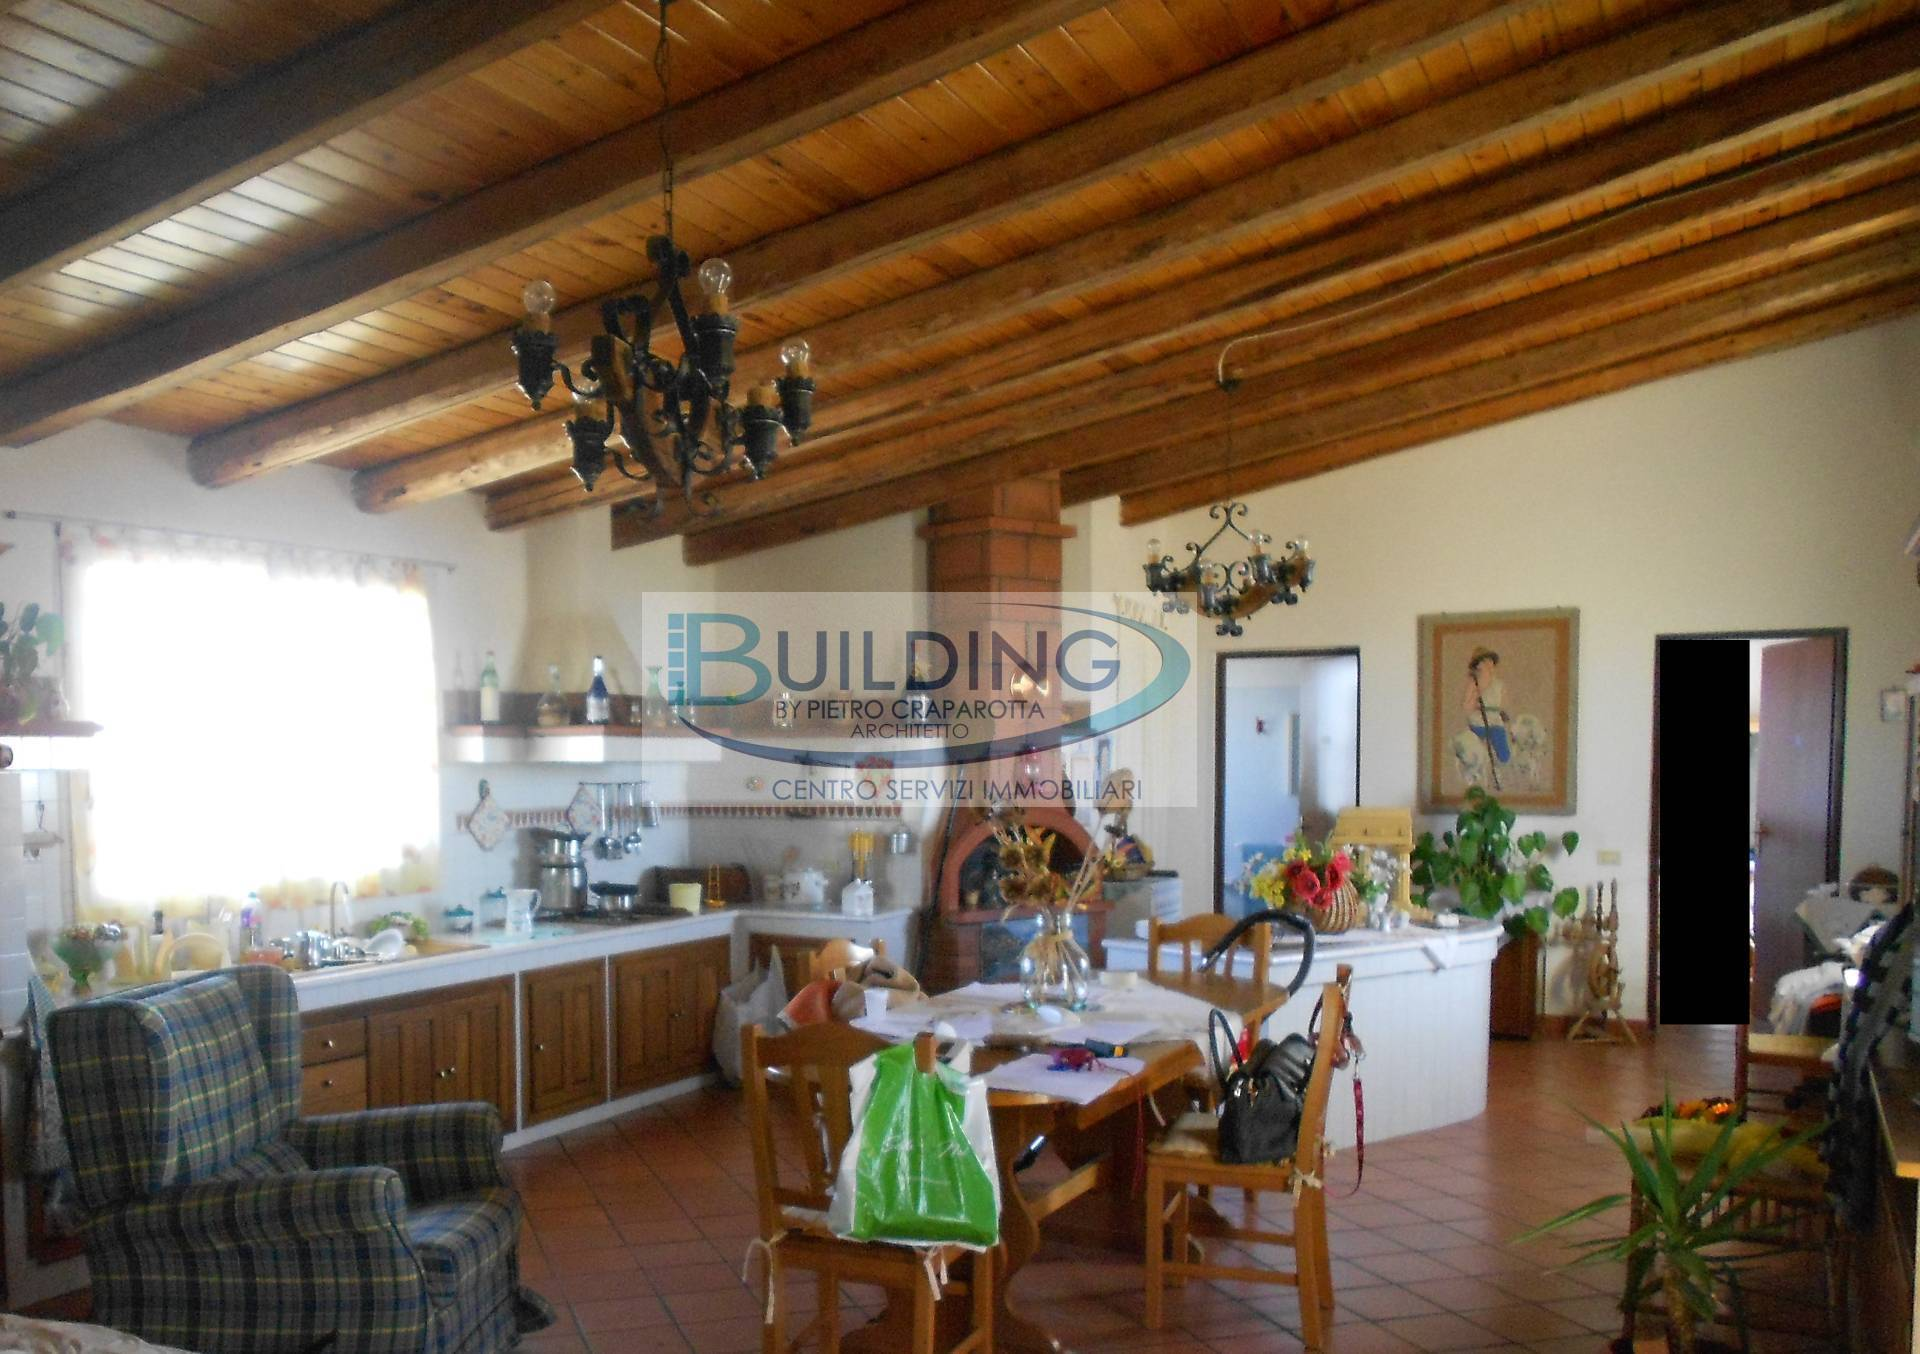 Appartamento in vendita a Castelvetrano, 2 locali, zona Località: CastelvetranoCittà, prezzo € 55.000 | PortaleAgenzieImmobiliari.it